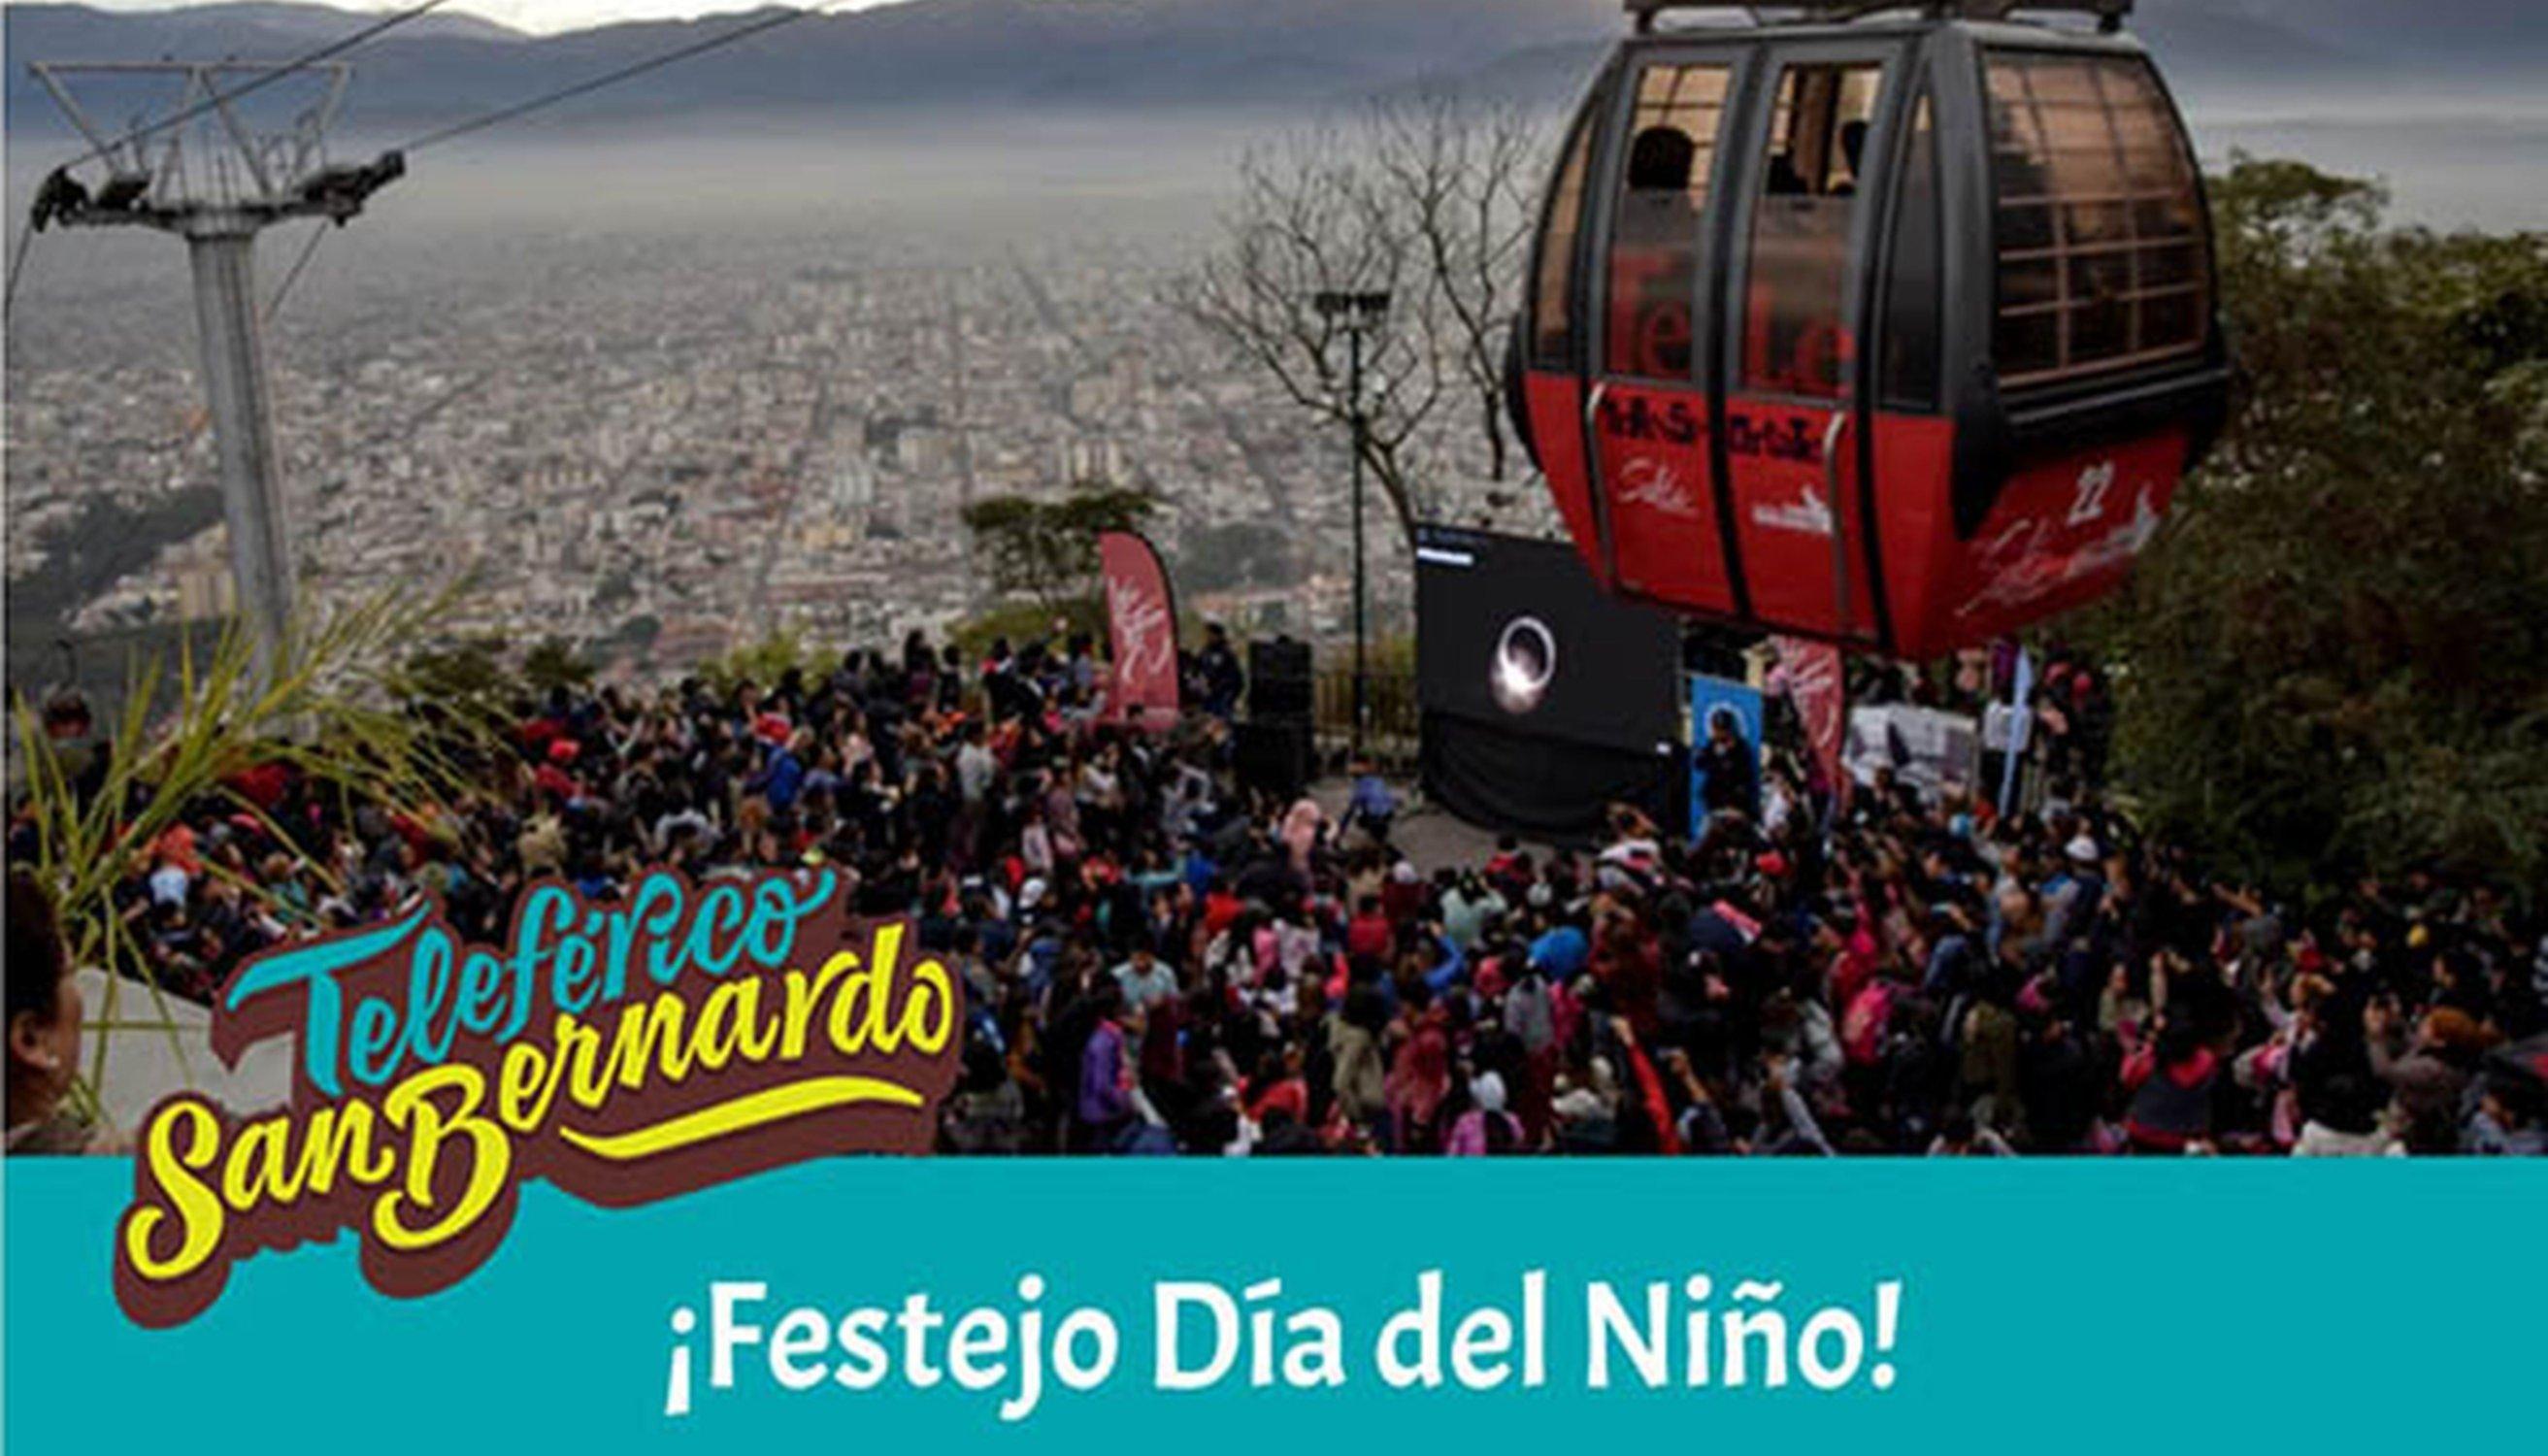 El Día del Niño se festejará en el Teleférico San Bernardo y en el Tren a las Nubes